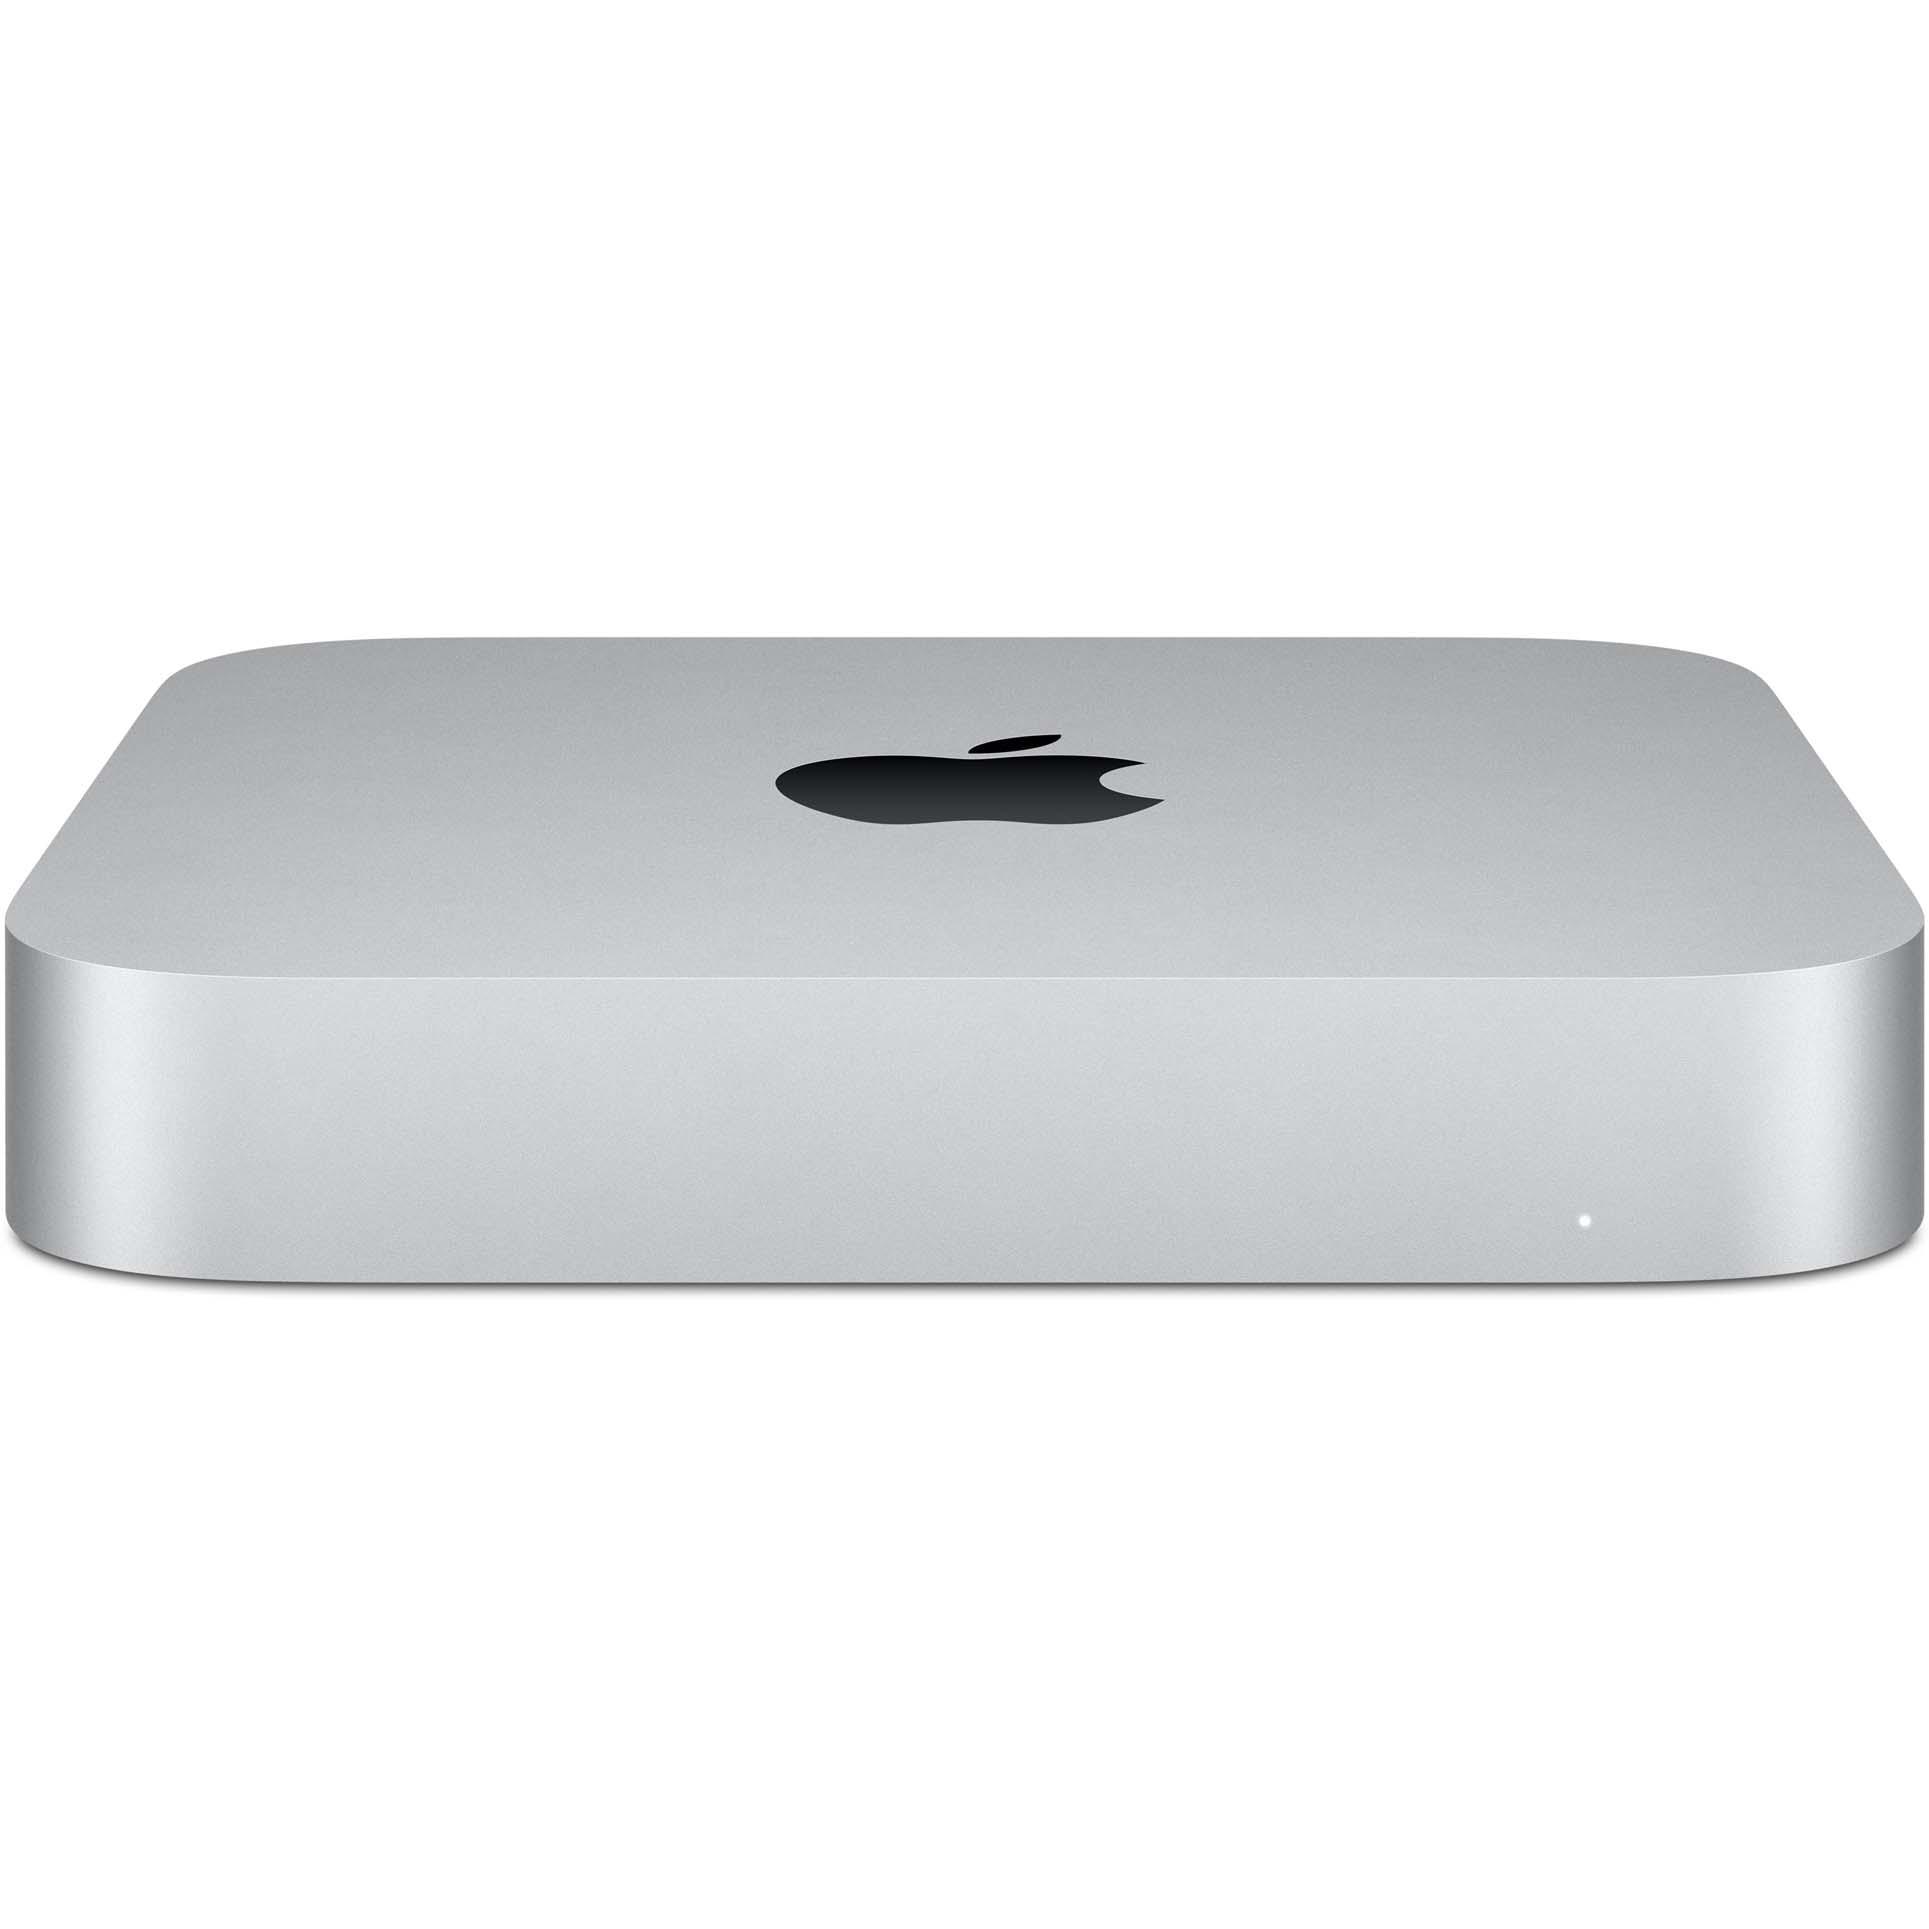 Fotografie Mac Mini PC Apple (2020) cu procesor Apple M1, 16GB, 1TB SSD, INT